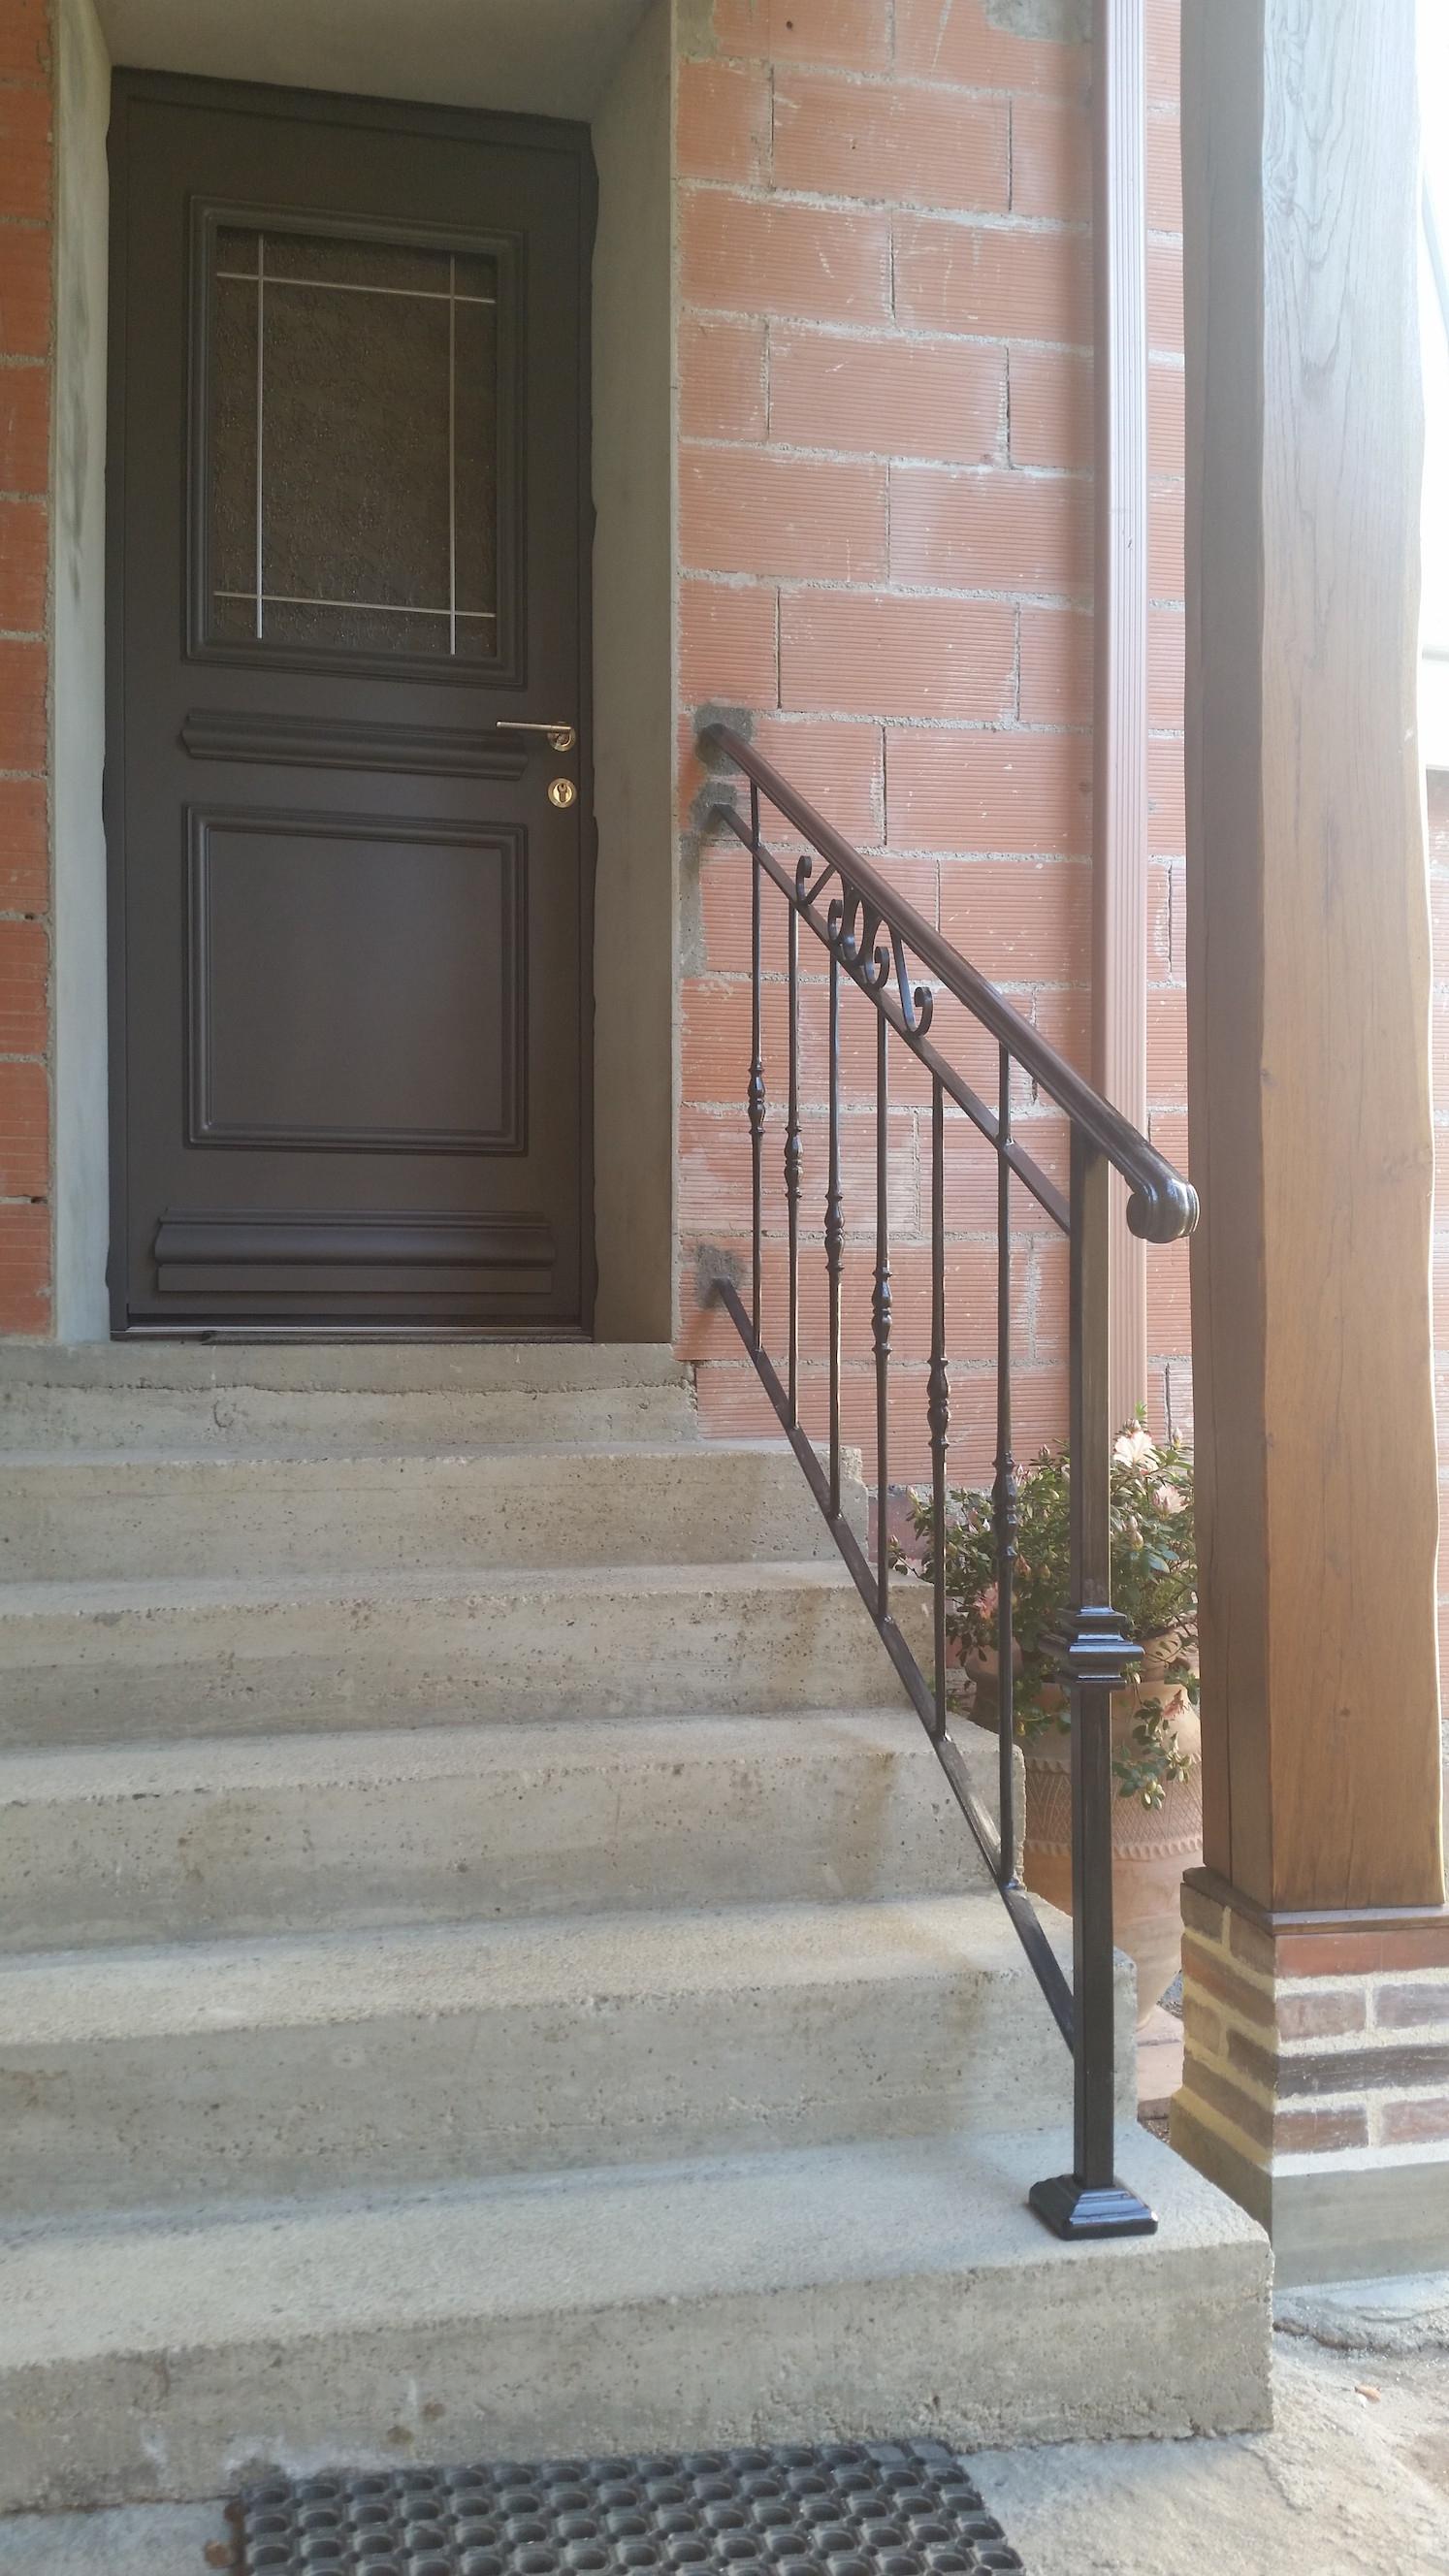 Conception et fabrication complete par notre client d'une rampe de protection escalier en fer forgé -  Réalisation a  partir de notre gamme de pieces detachees. Localisation Gers